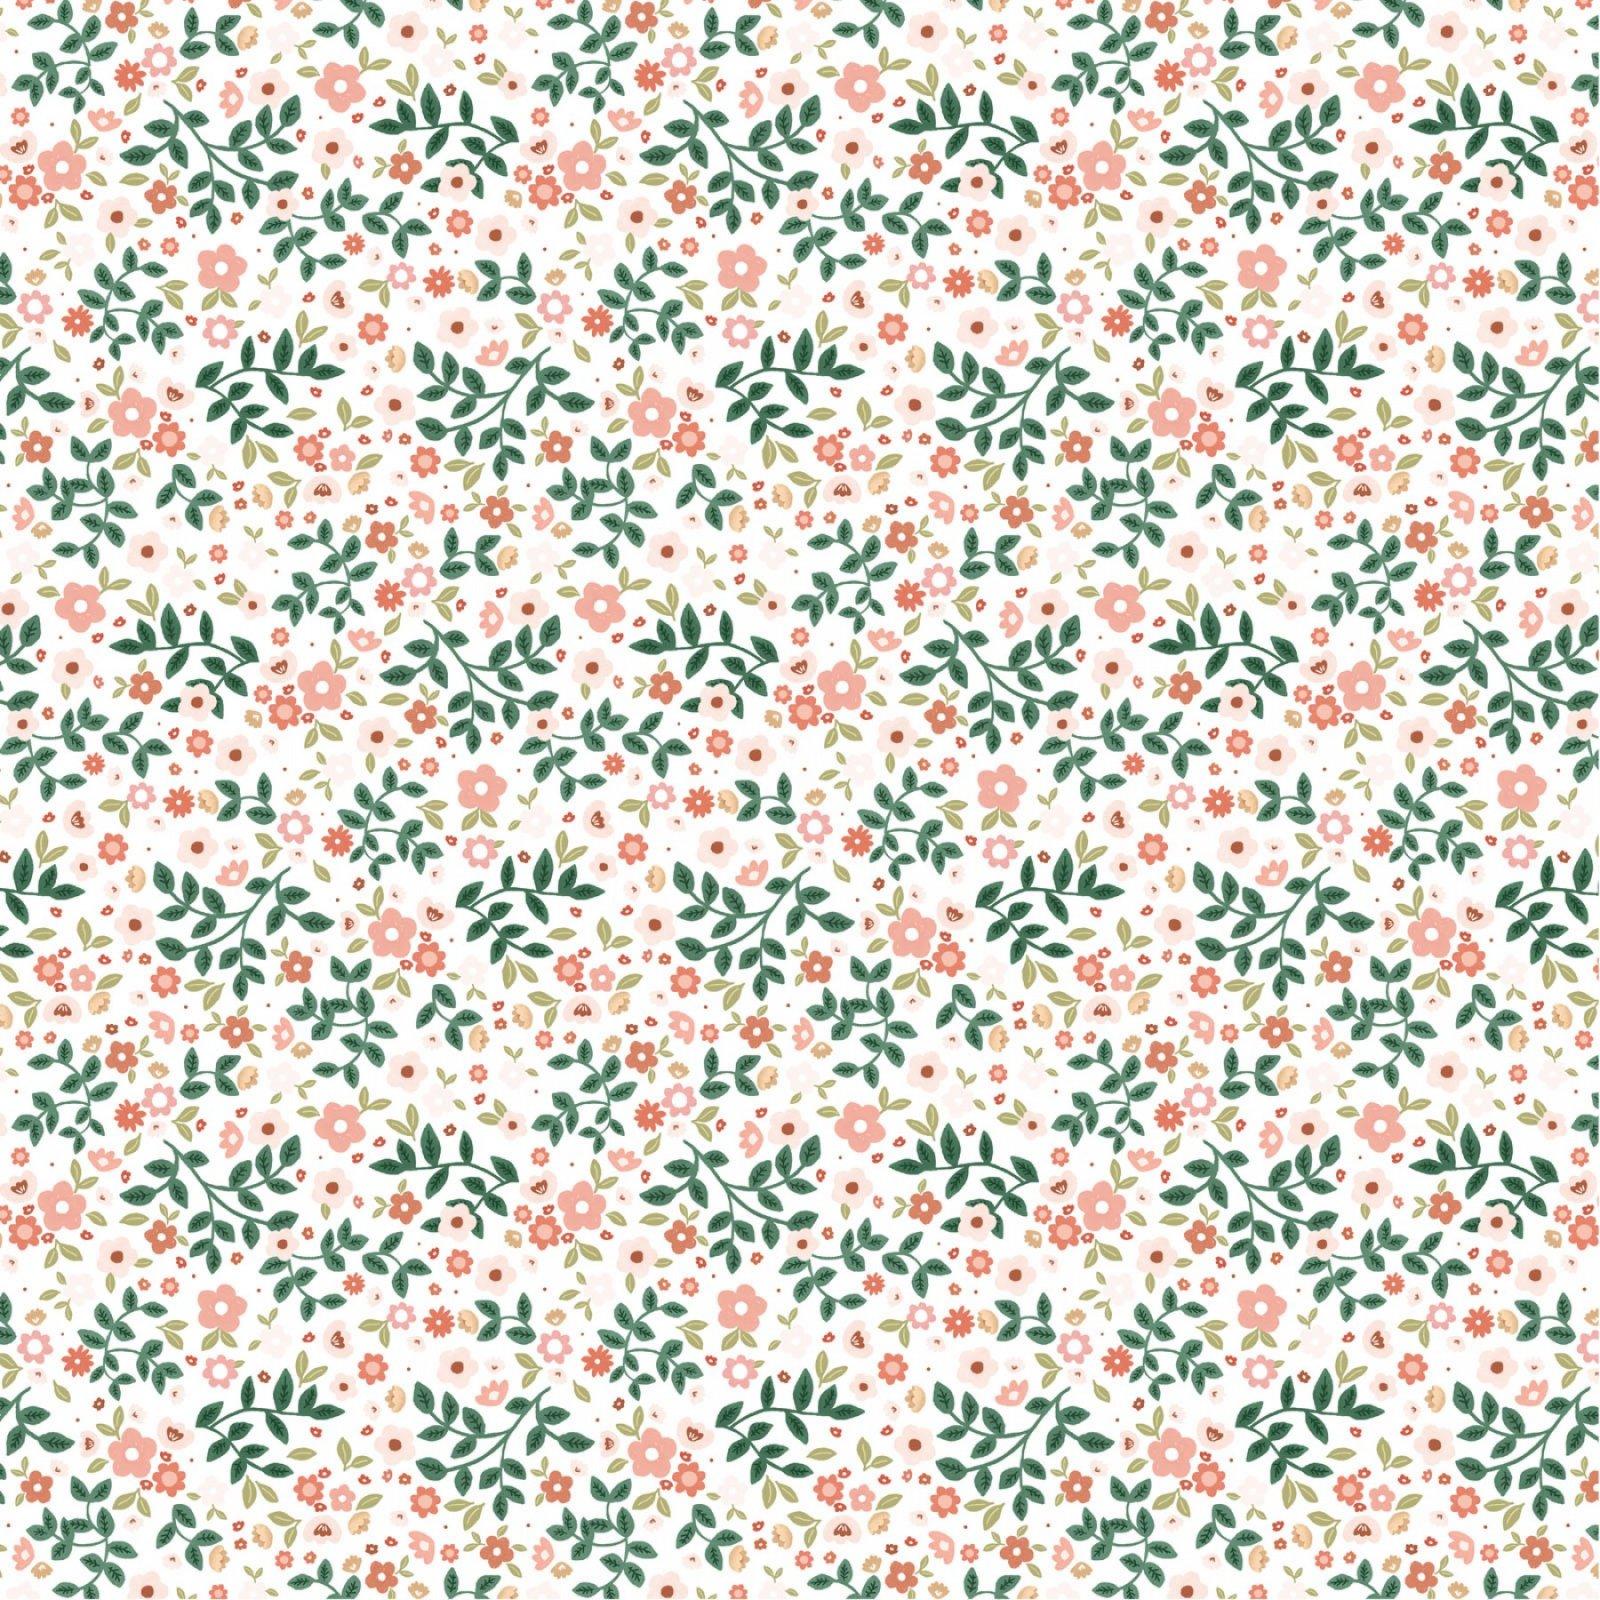 Goose Creek Gardens 20815 Garden Mix White